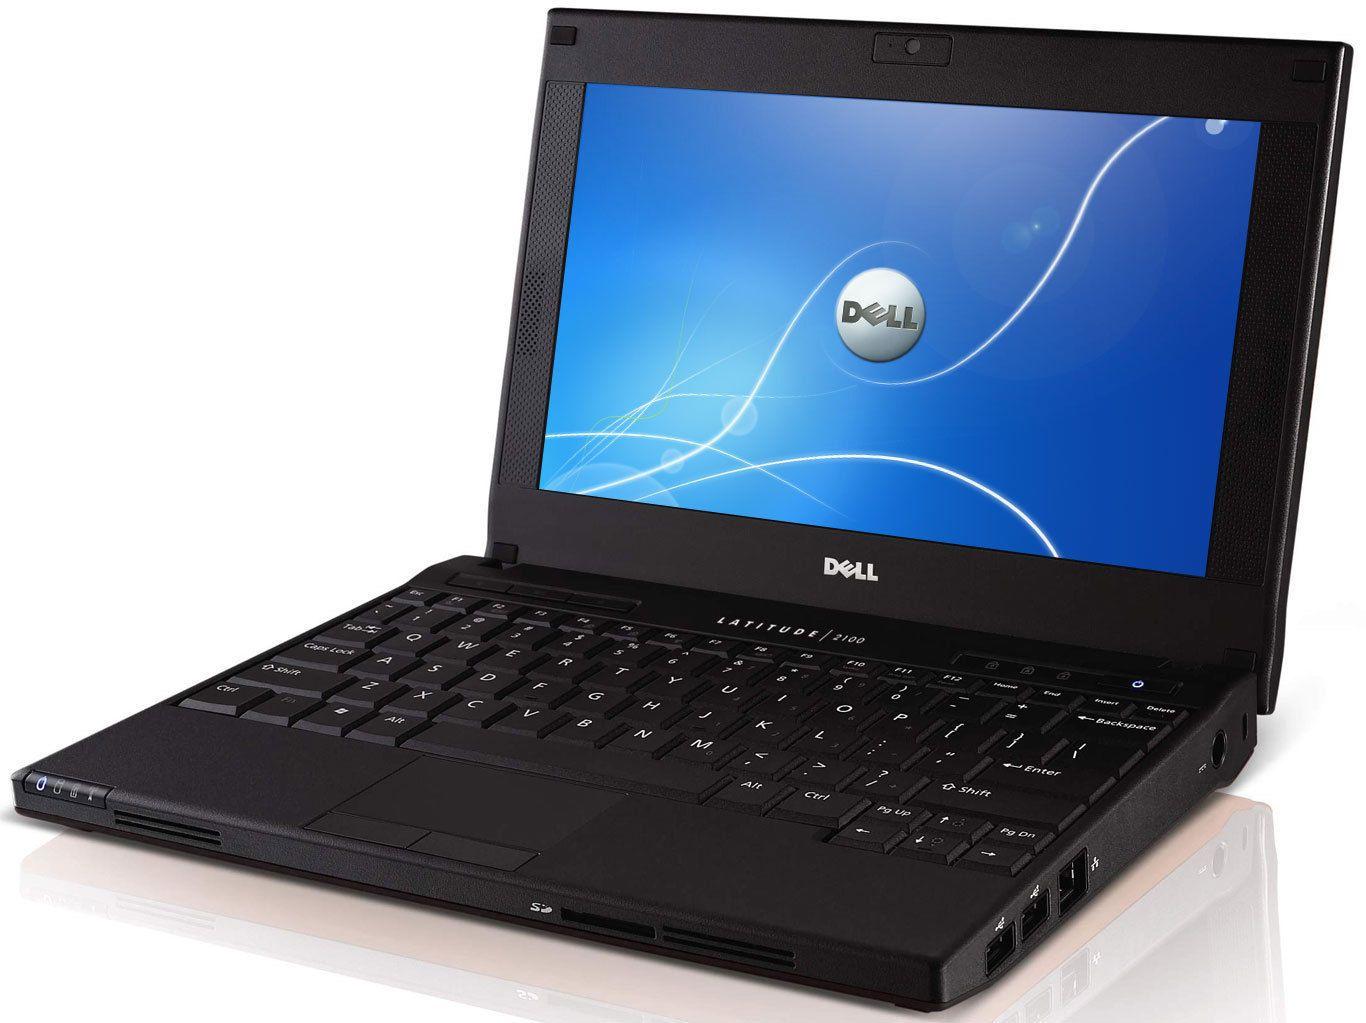 """DELL MINI 2110 WINDOWS 10-WEBCAM--WIRELESS- -10.1"""" LCD ????"""